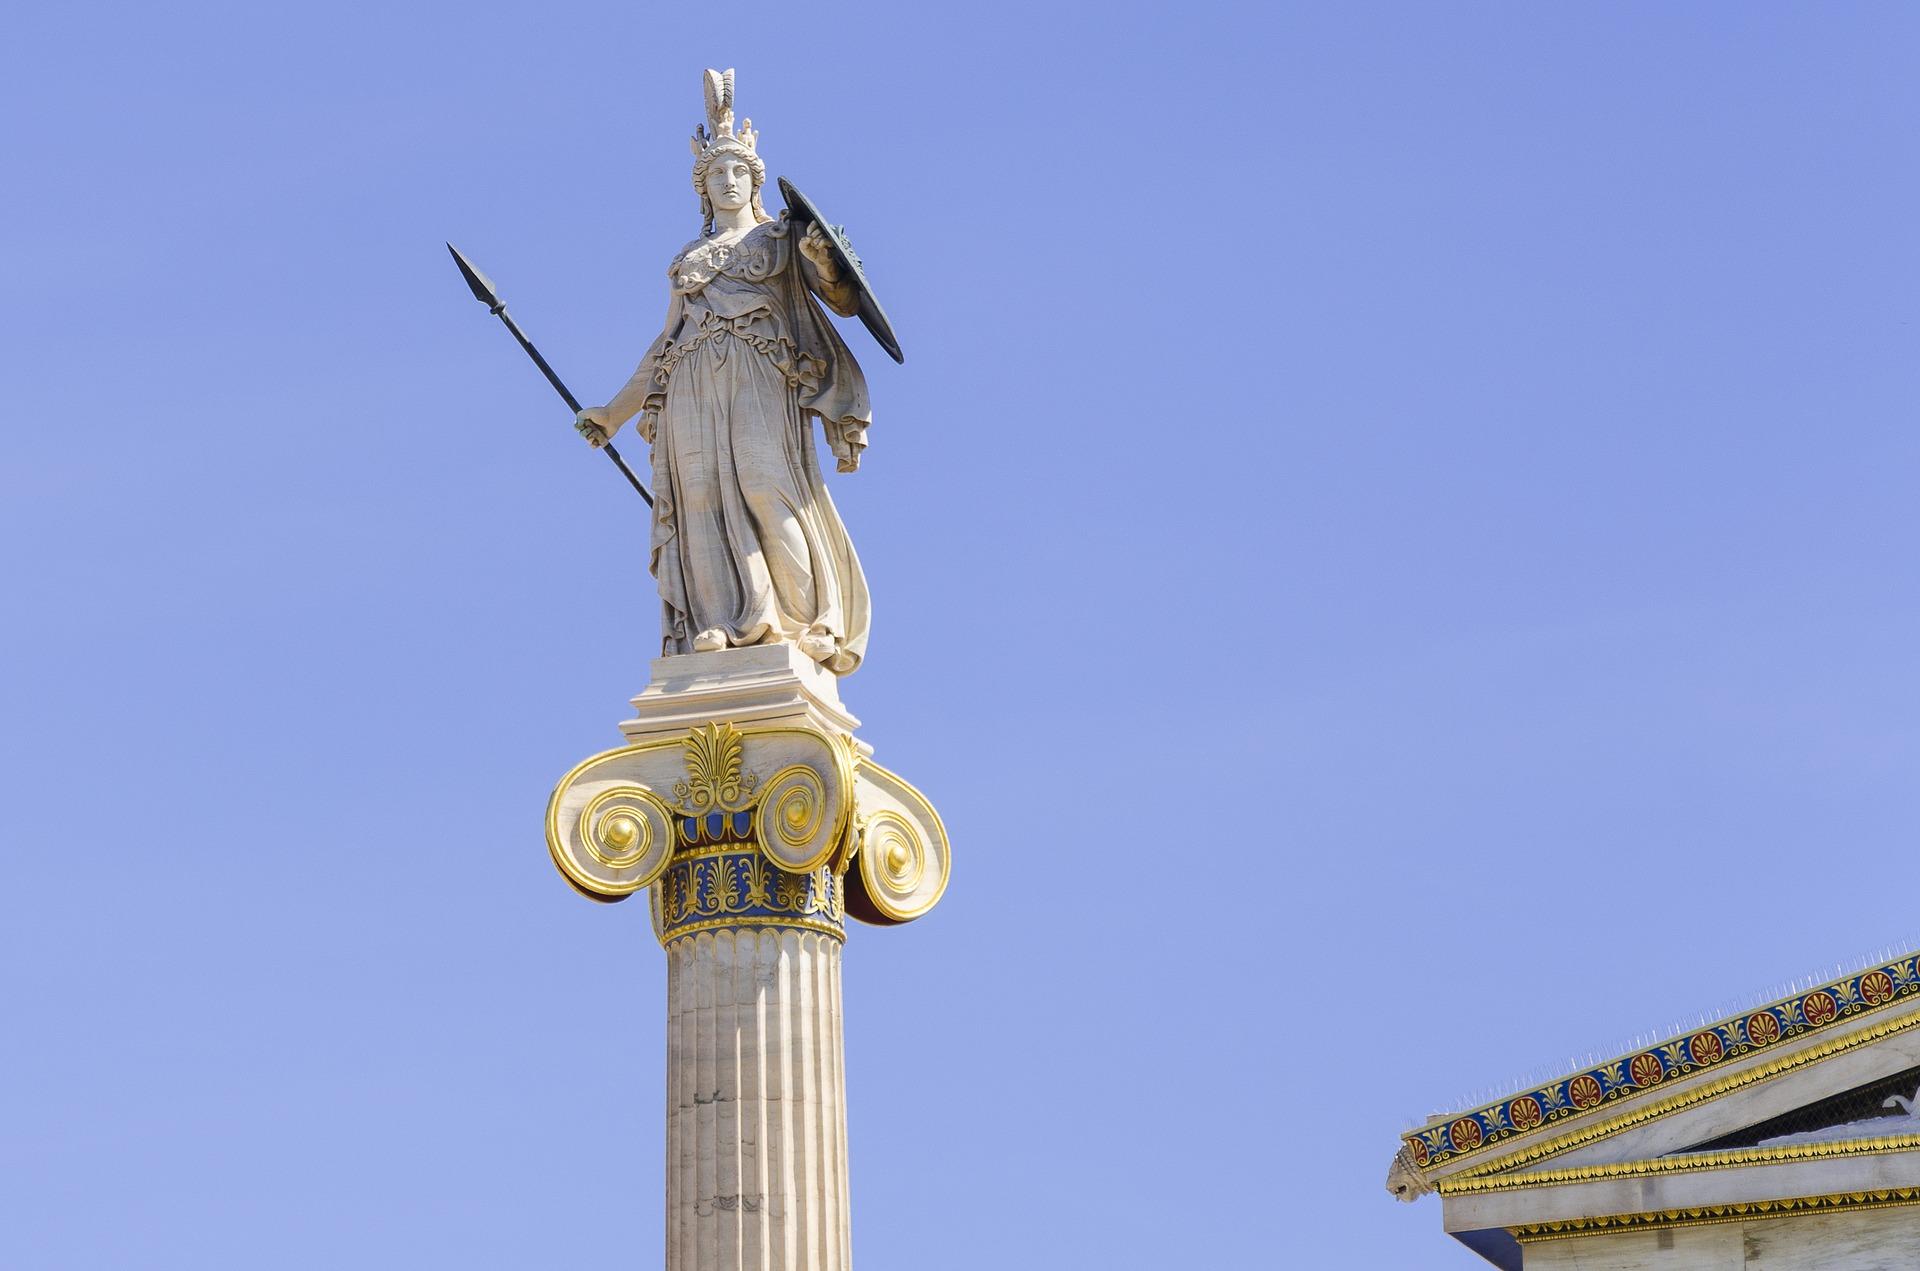 Hohes göttliches Wesen: Athene